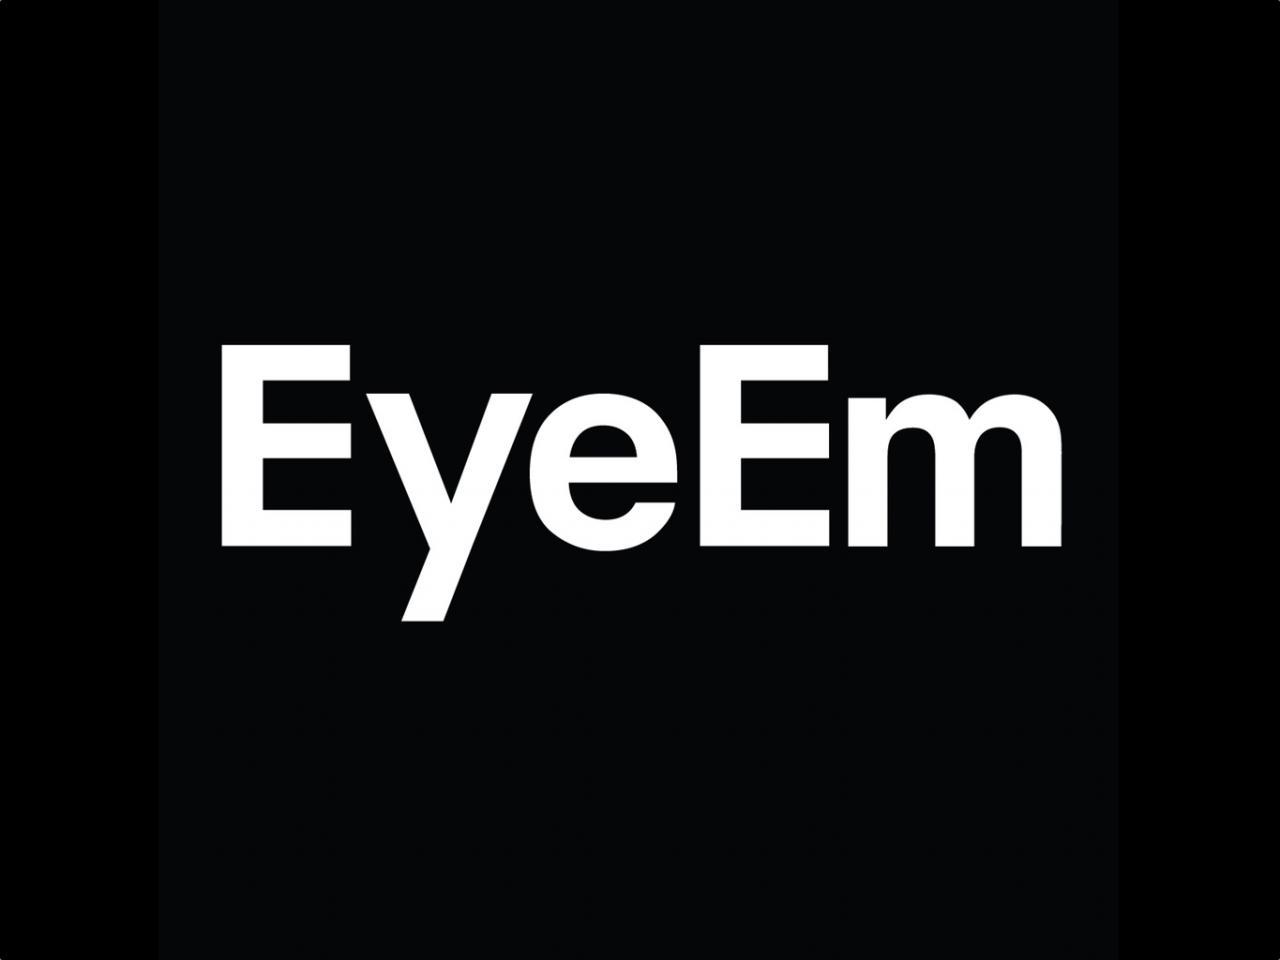 برنامج EyeEm